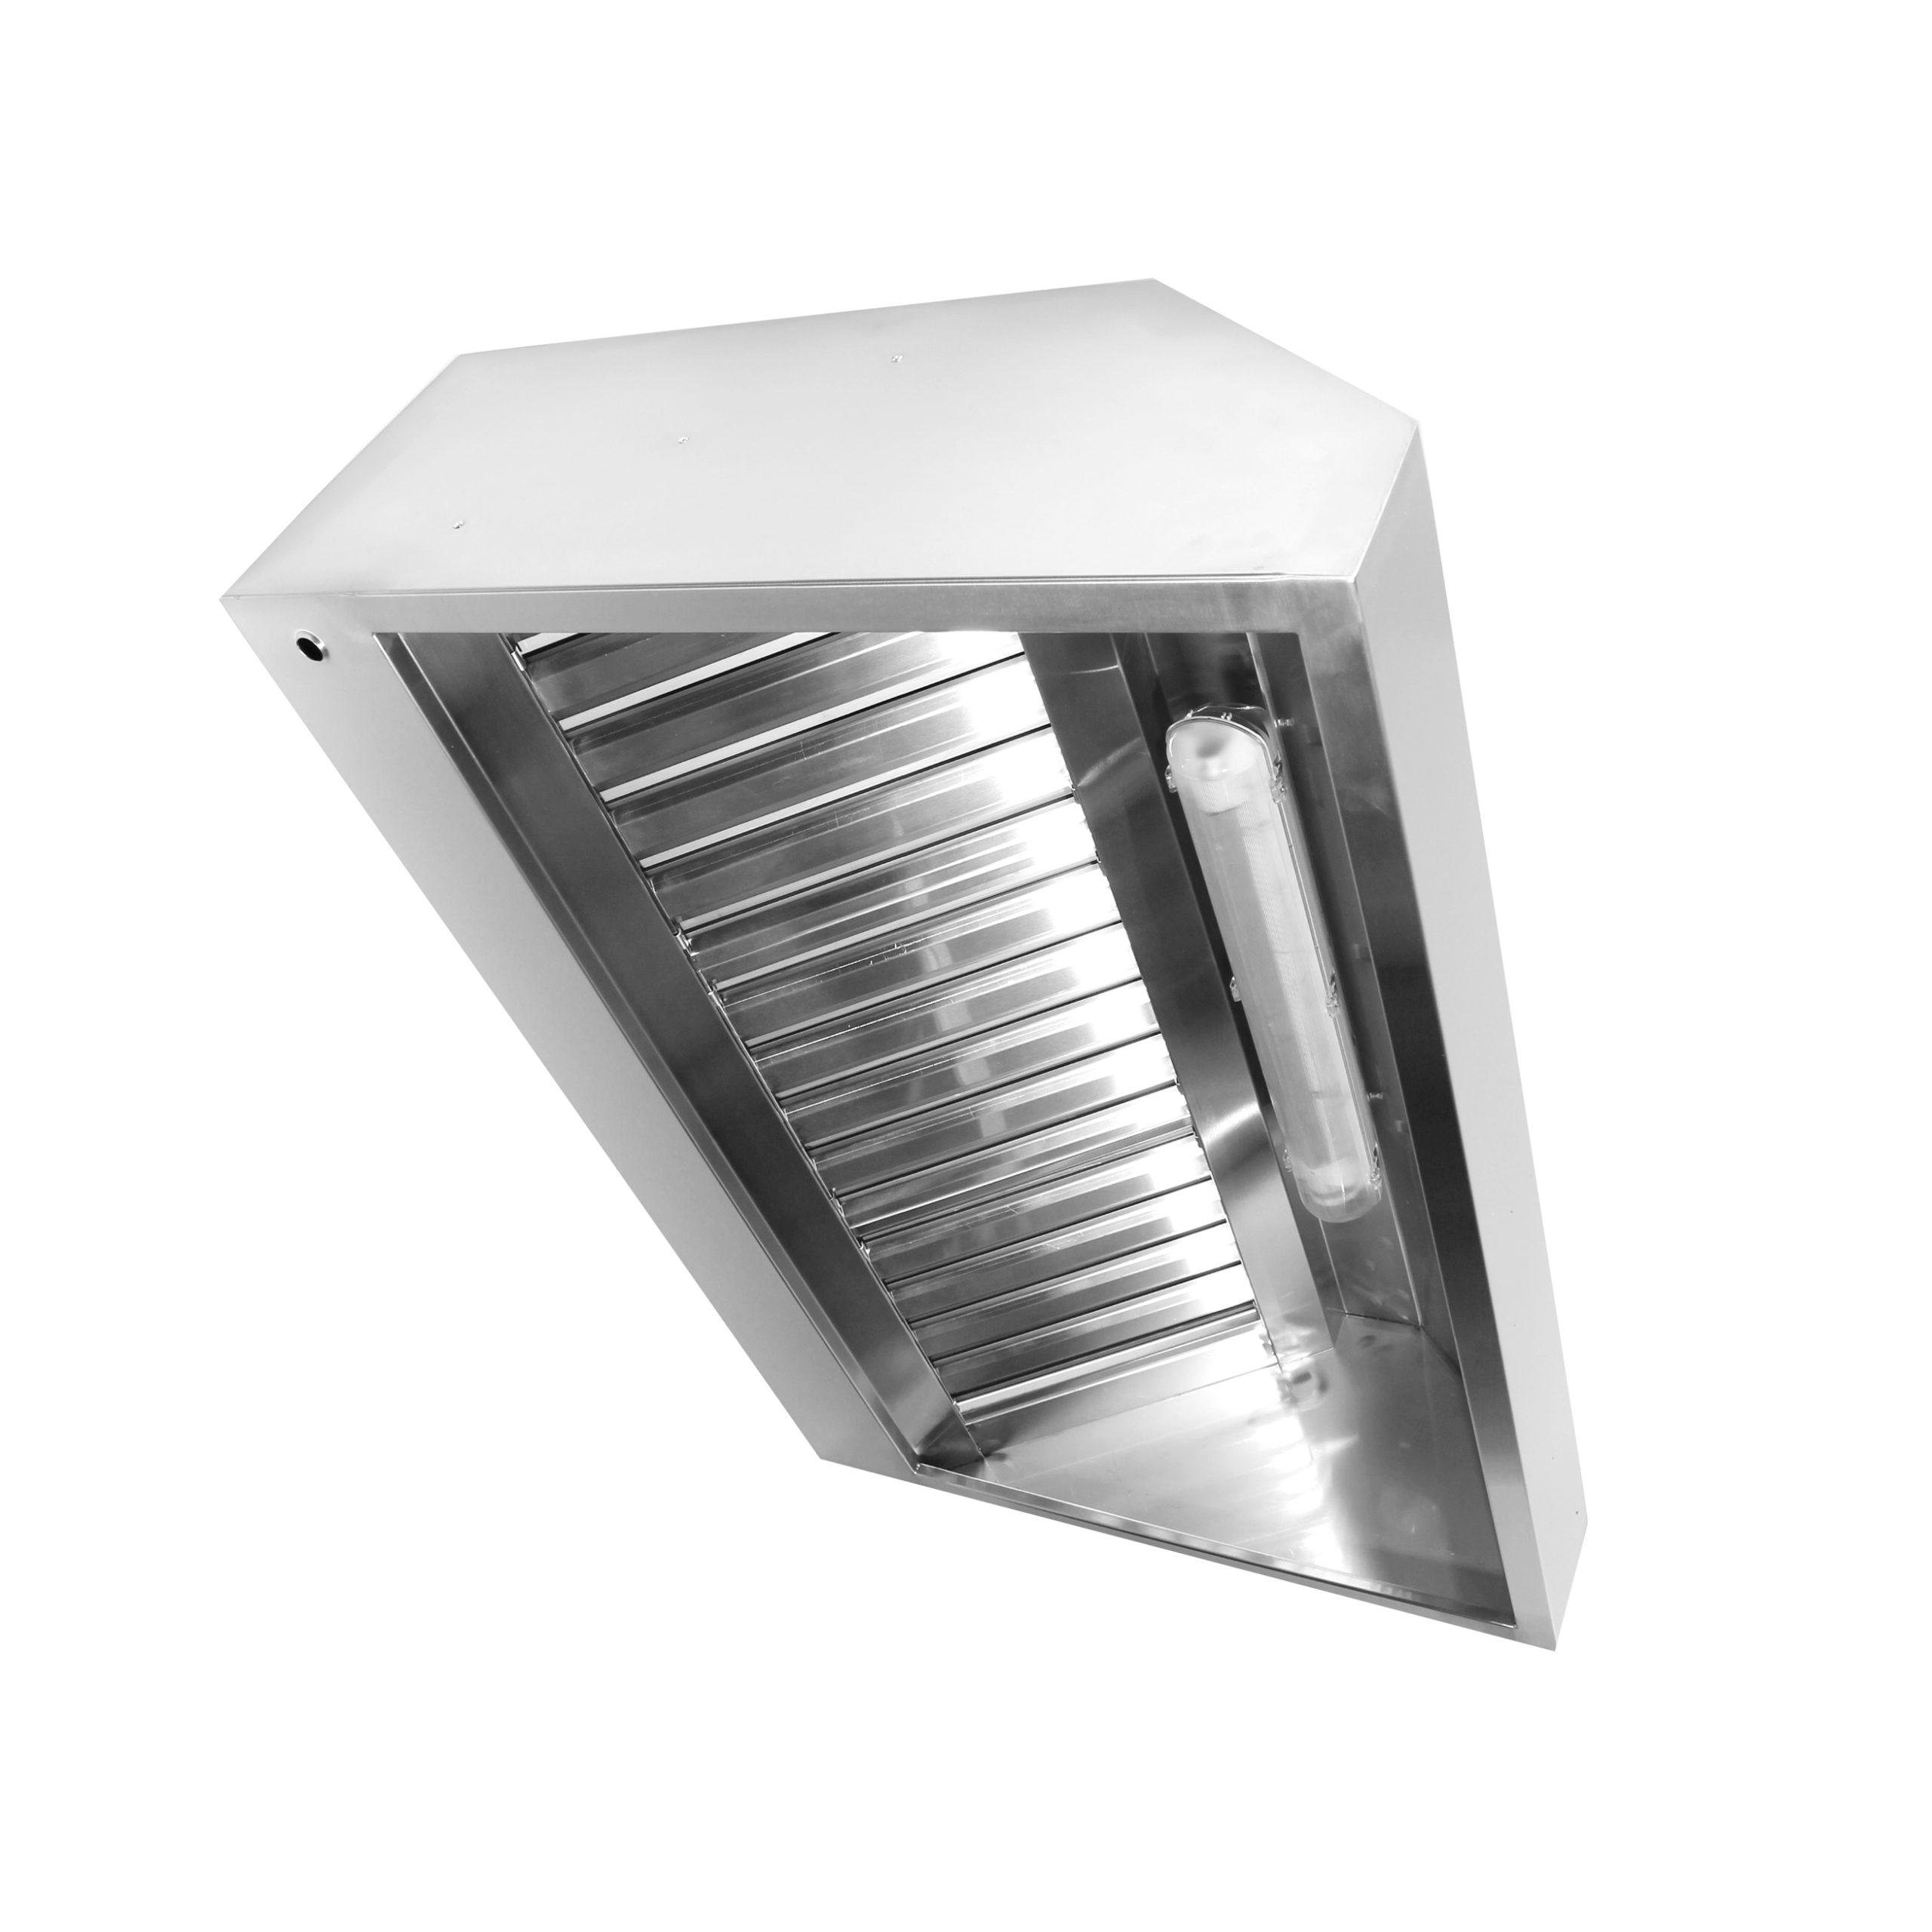 Зонт вытяжной пристенный гладкий из нержавеющей стали